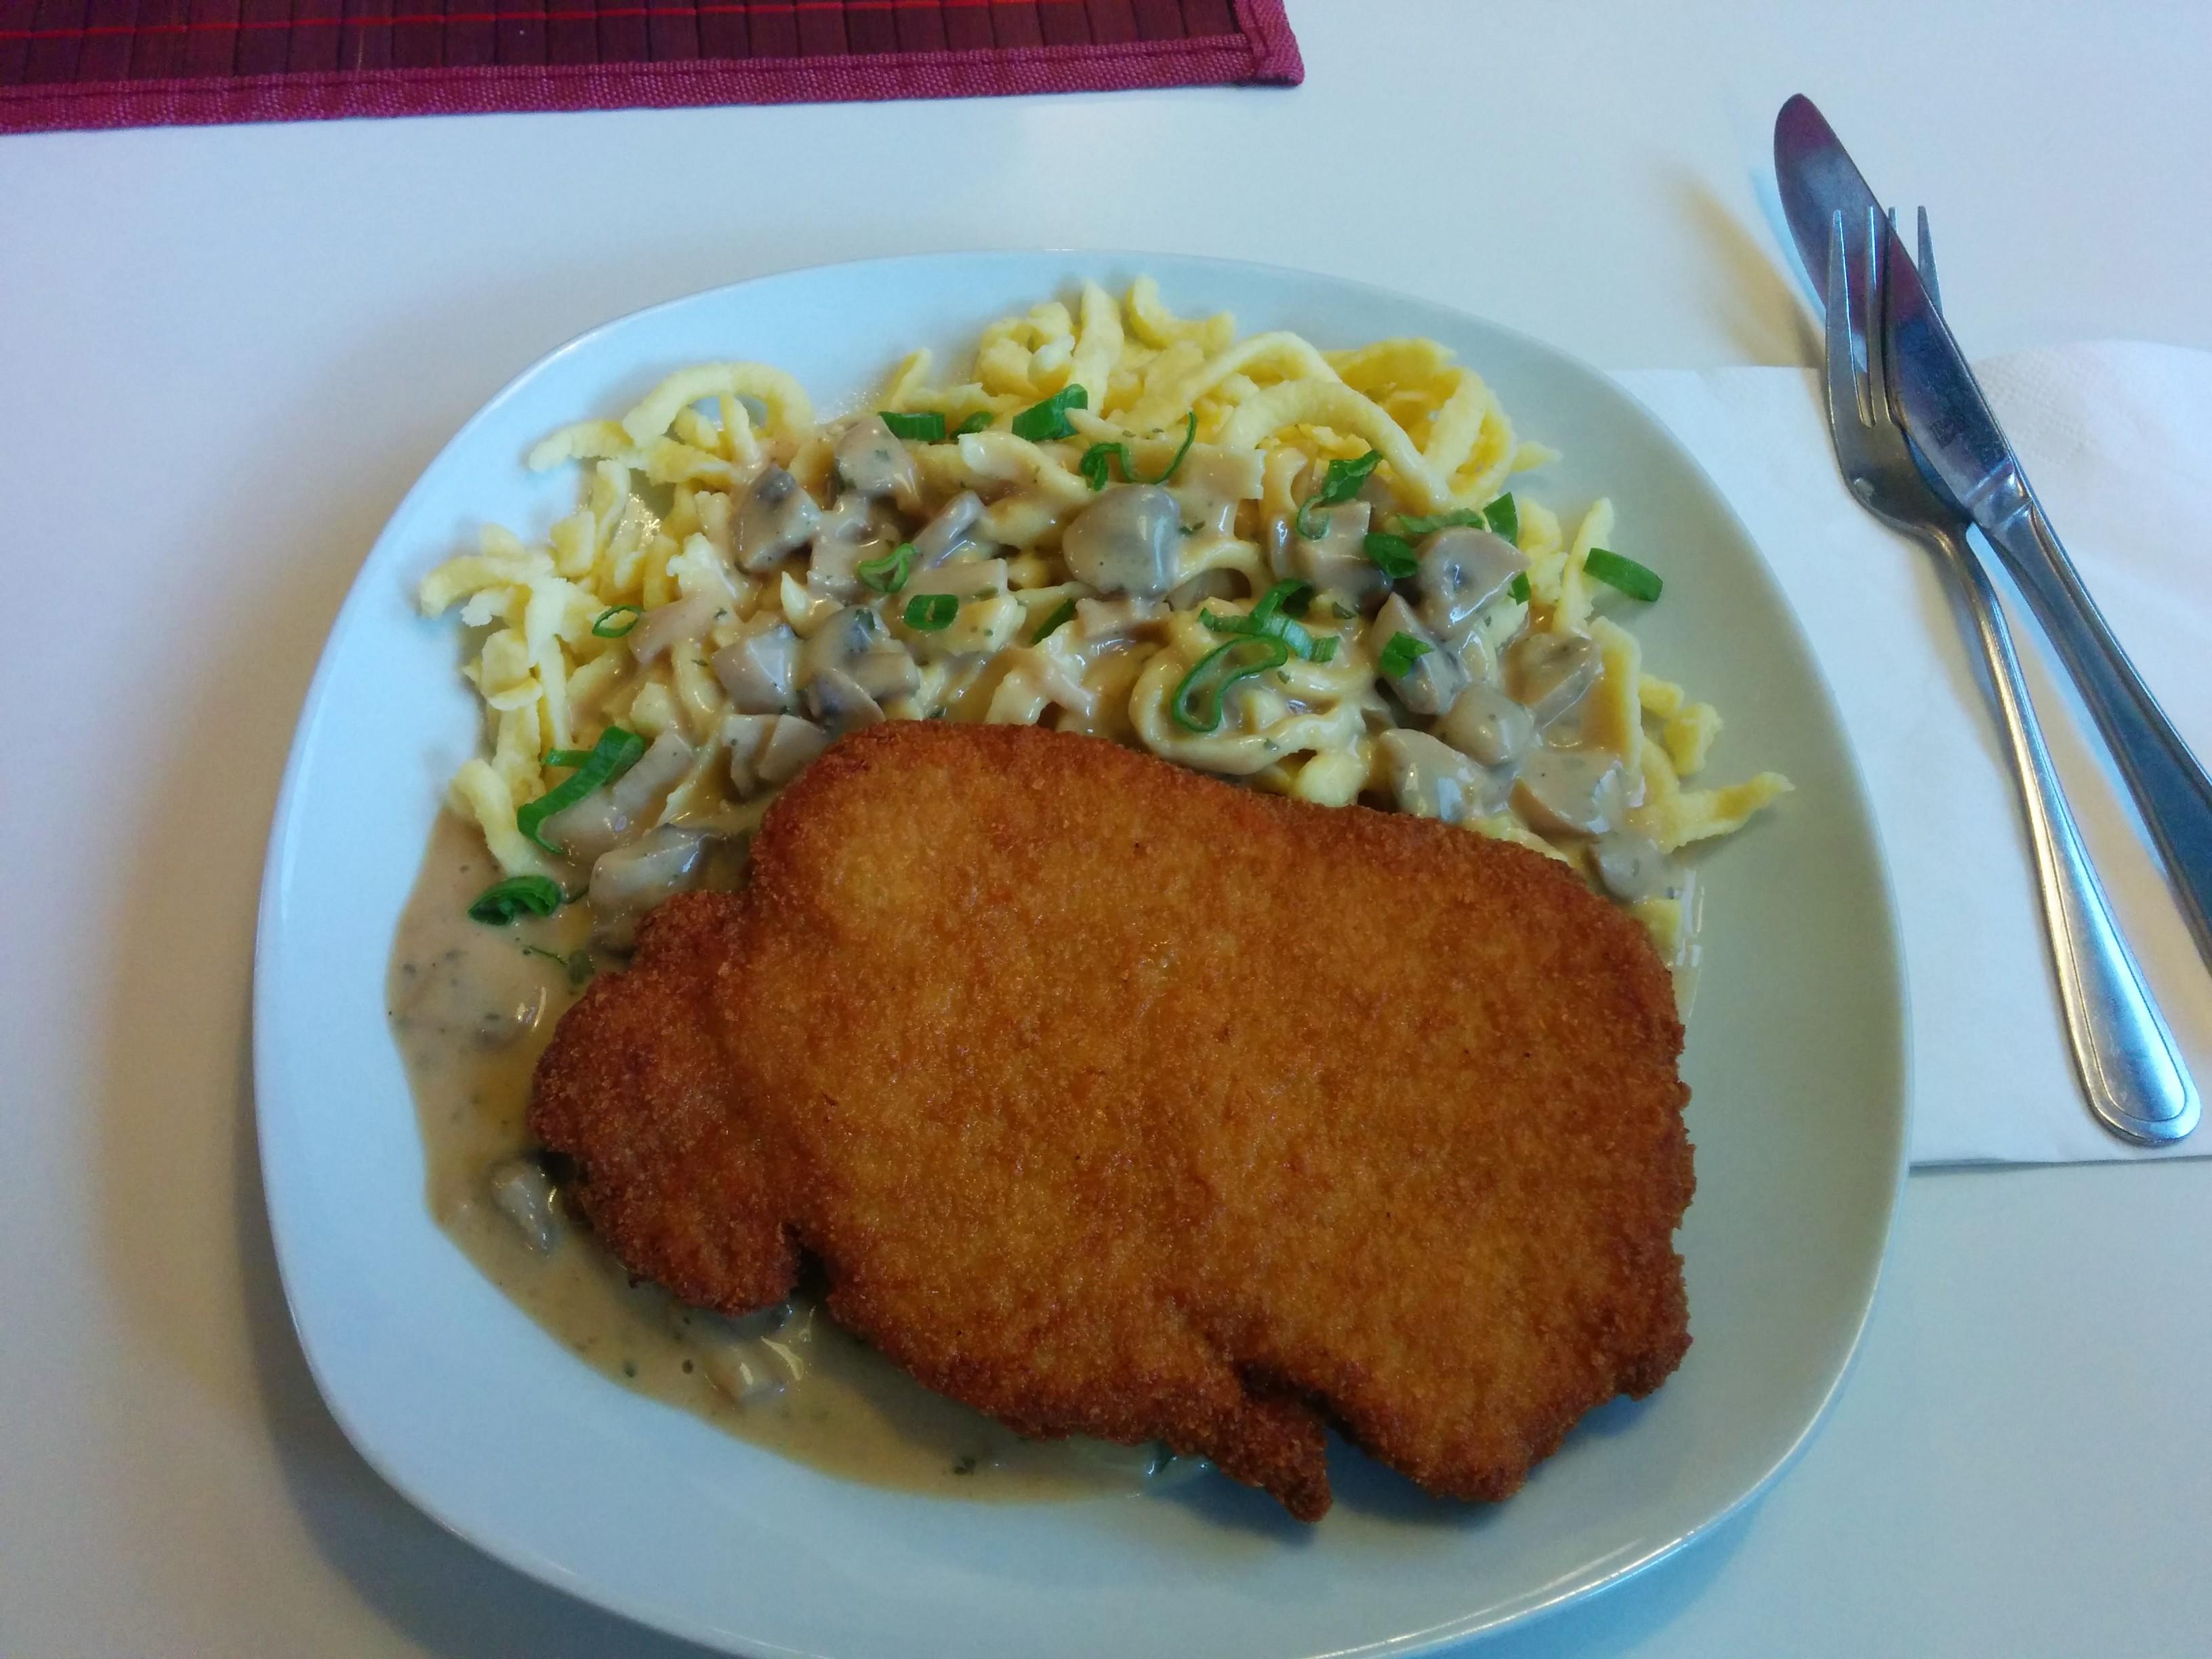 https://foodloader.net/nico_2014-02-21_schnitzel-mit-spaetzle-in-jaegersauce.jpg